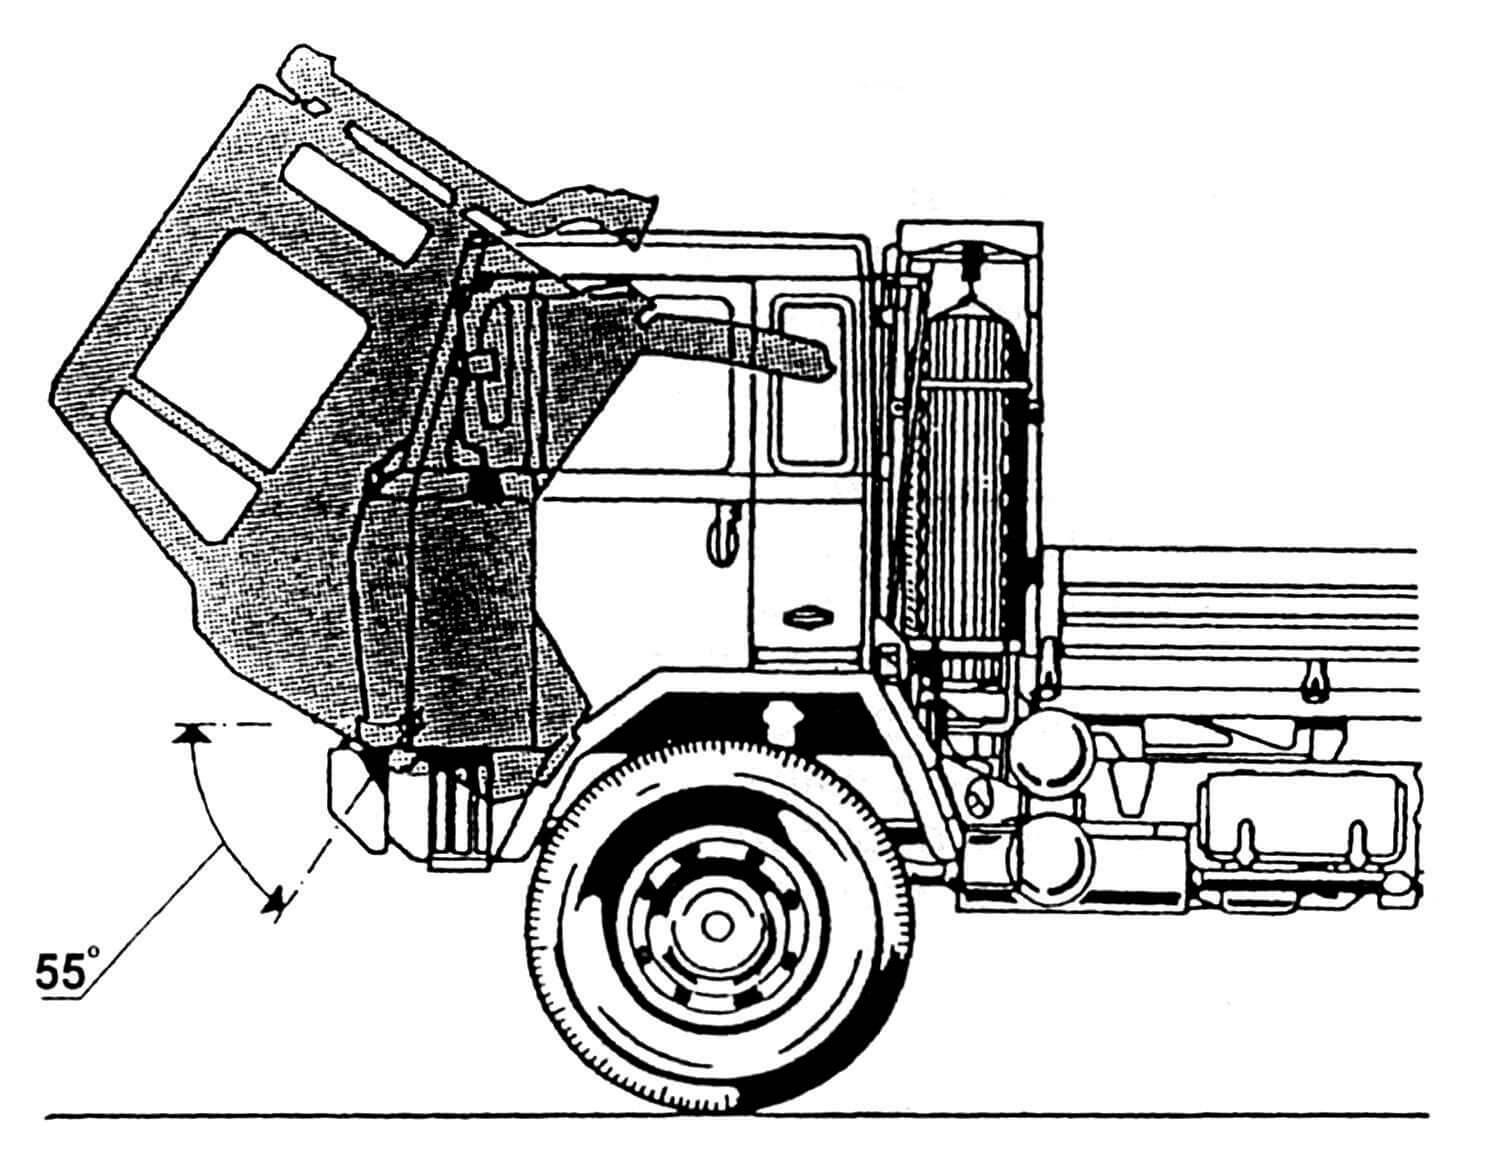 Схема откидывании кабины для доступа к двигателю.